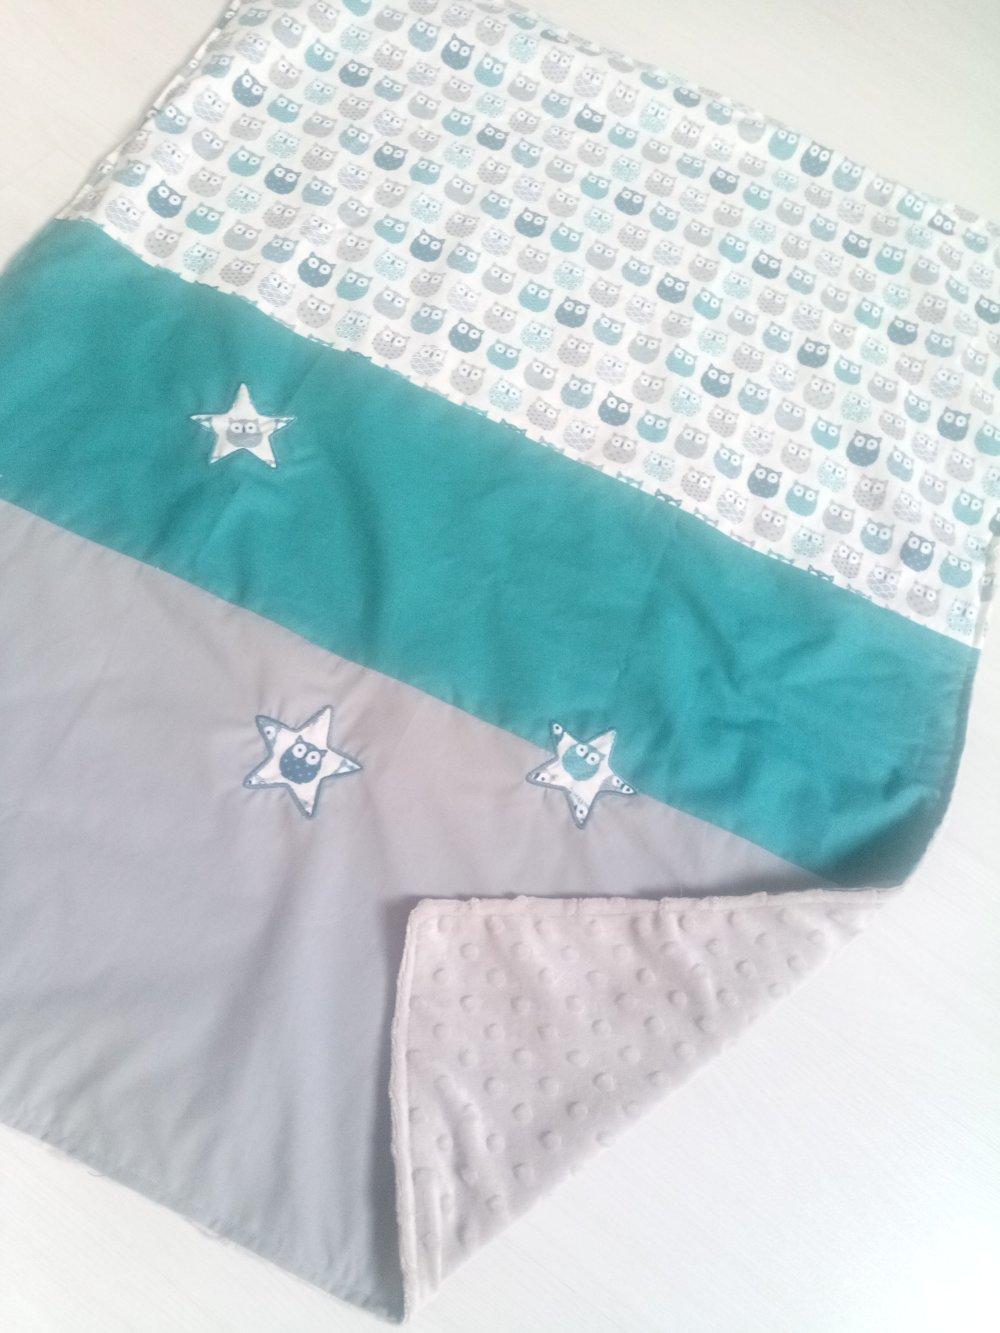 Plaid, petite couverture hiboux bleu, gris et blanc